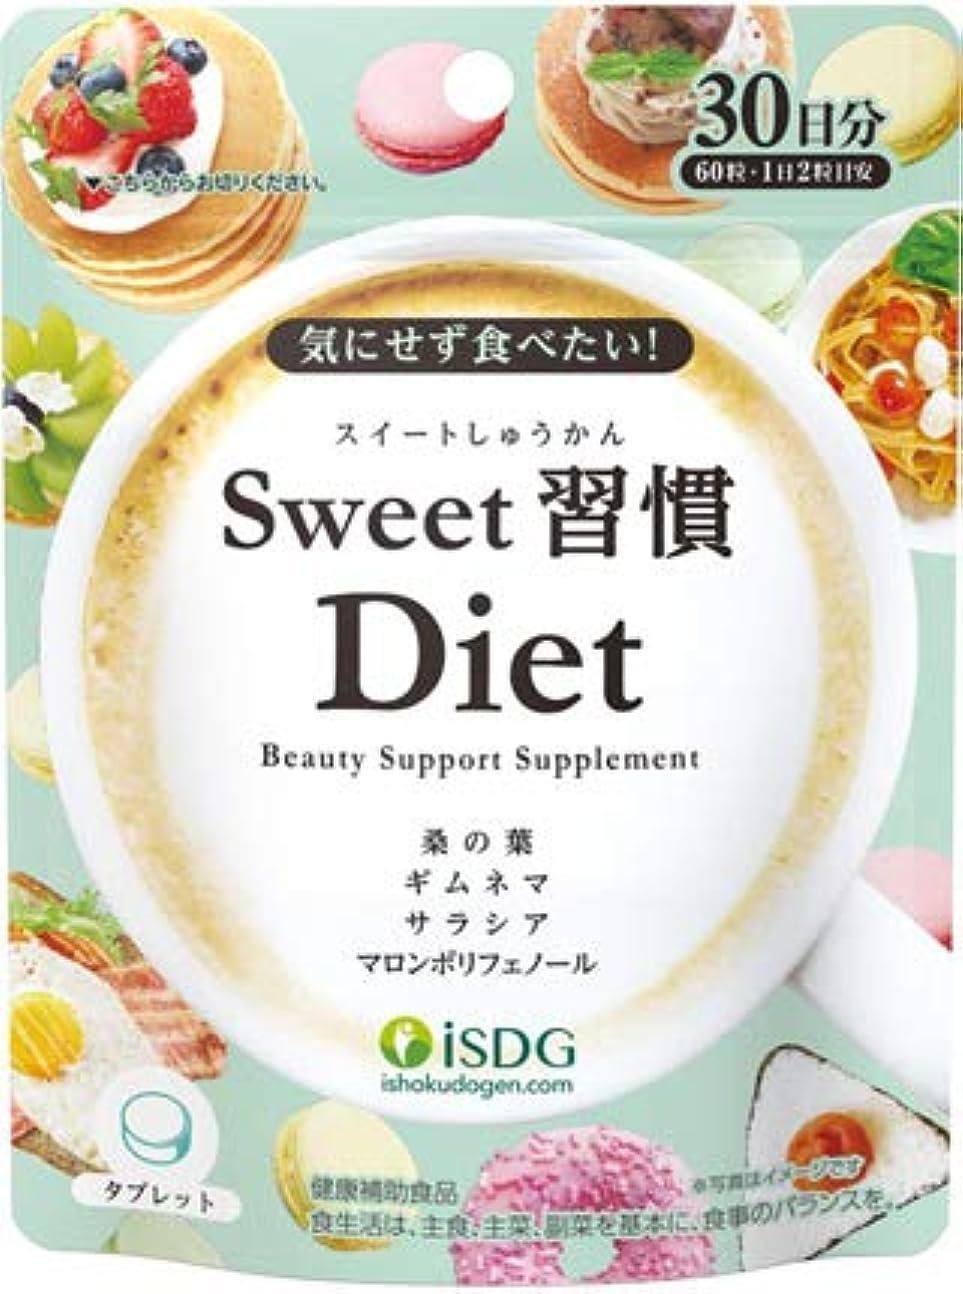 帝国ルーム静けさ医食同源ドットコム 医食同源 Sweet 習慣 Diet 60粒×5個セット スイート ダイエット